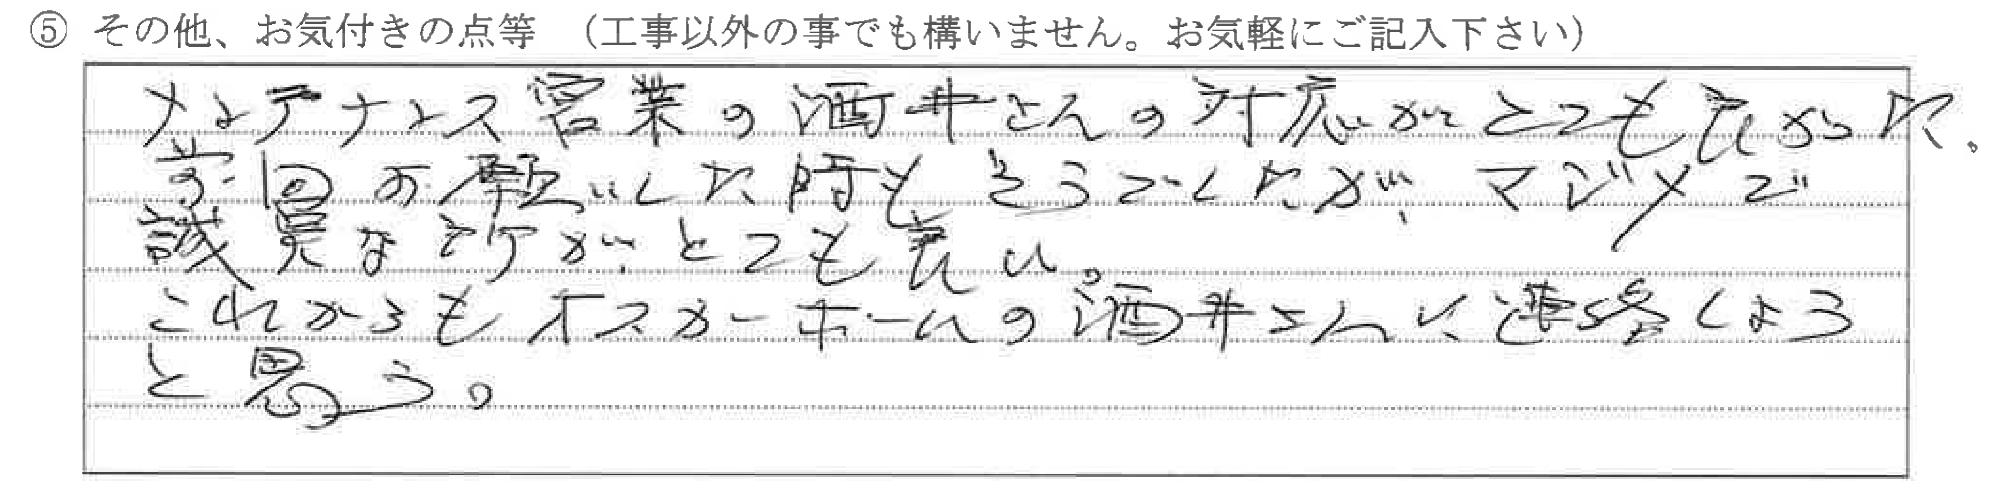 富山県富山市F様に頂いた基礎ハツリ 工事についてのお気づきの点がありましたら、お聞かせ下さい。というご質問について「シロアリ点検時 基礎ハツリ」というお声についての画像